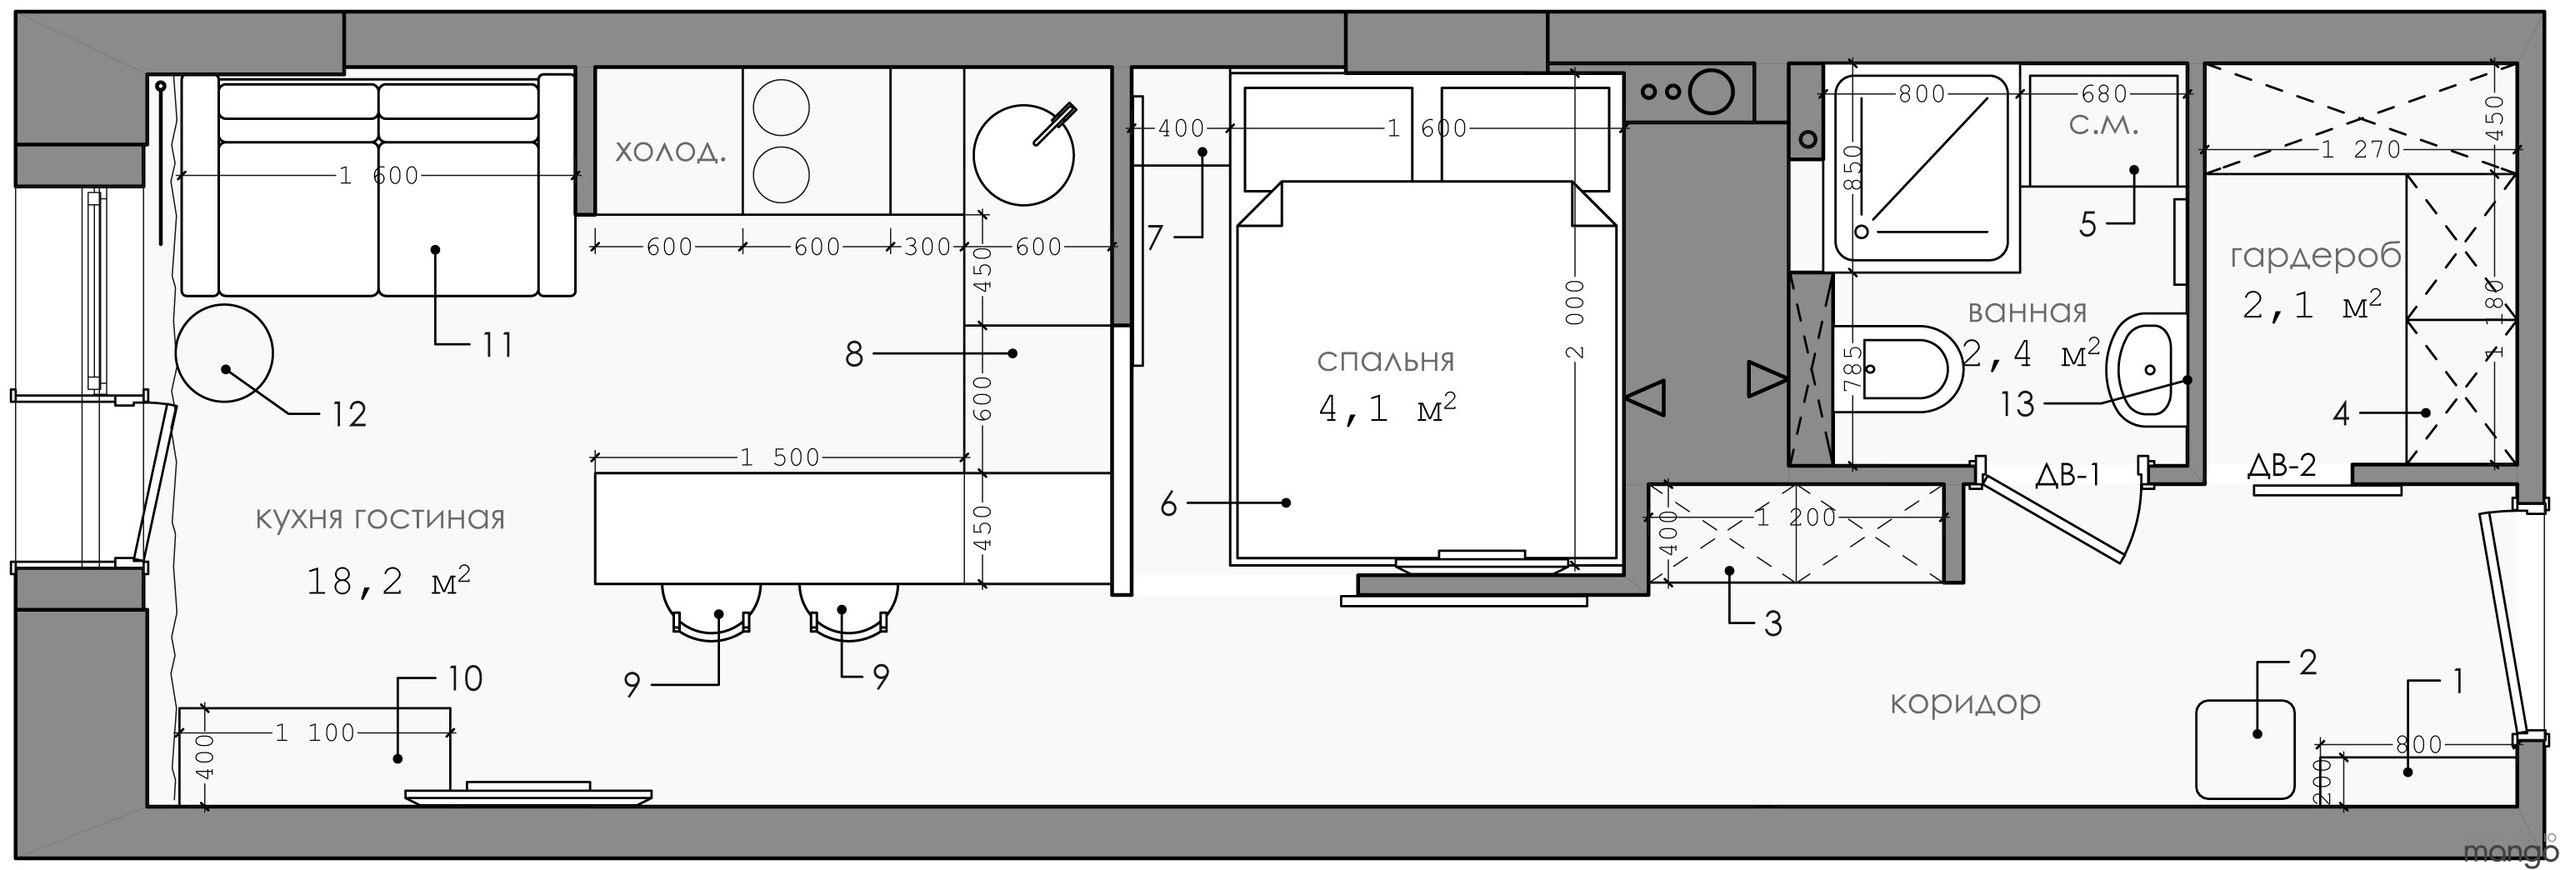 Оригинальный вариант организации прямоугольной студии 27 м.